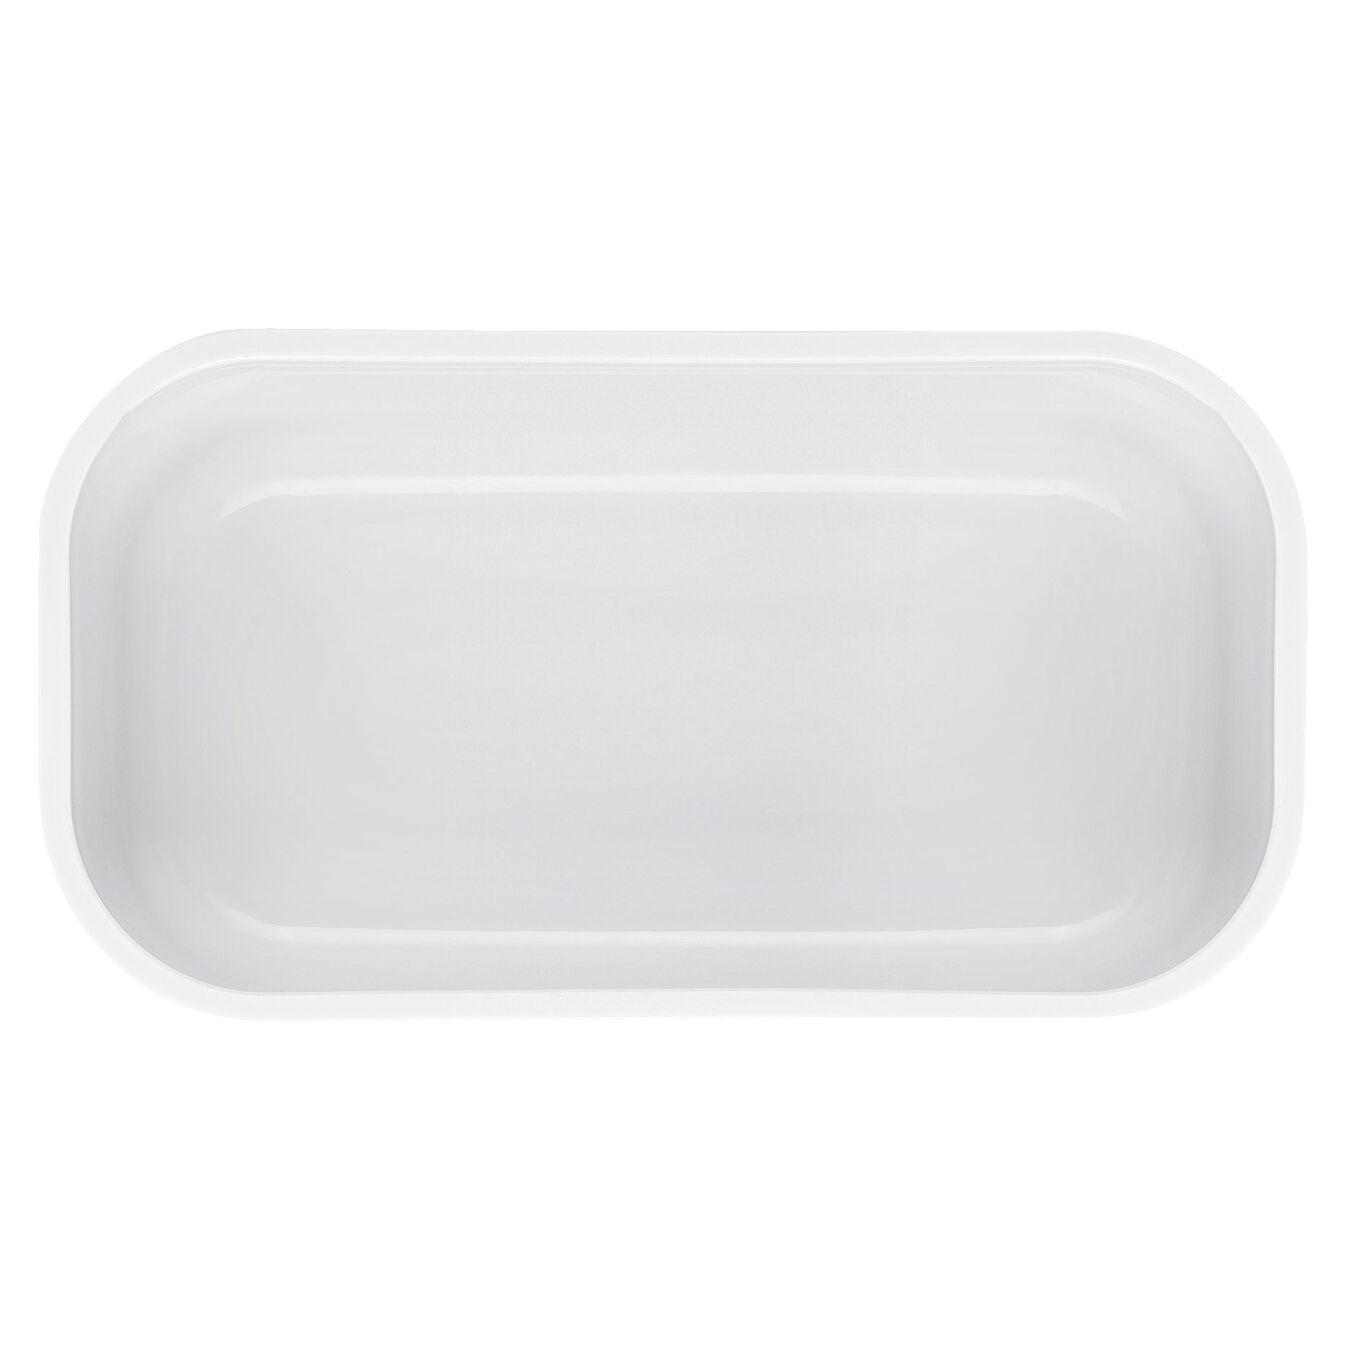 Boîte à lunch sous vide, S, Plastique, Blanc,,large 3